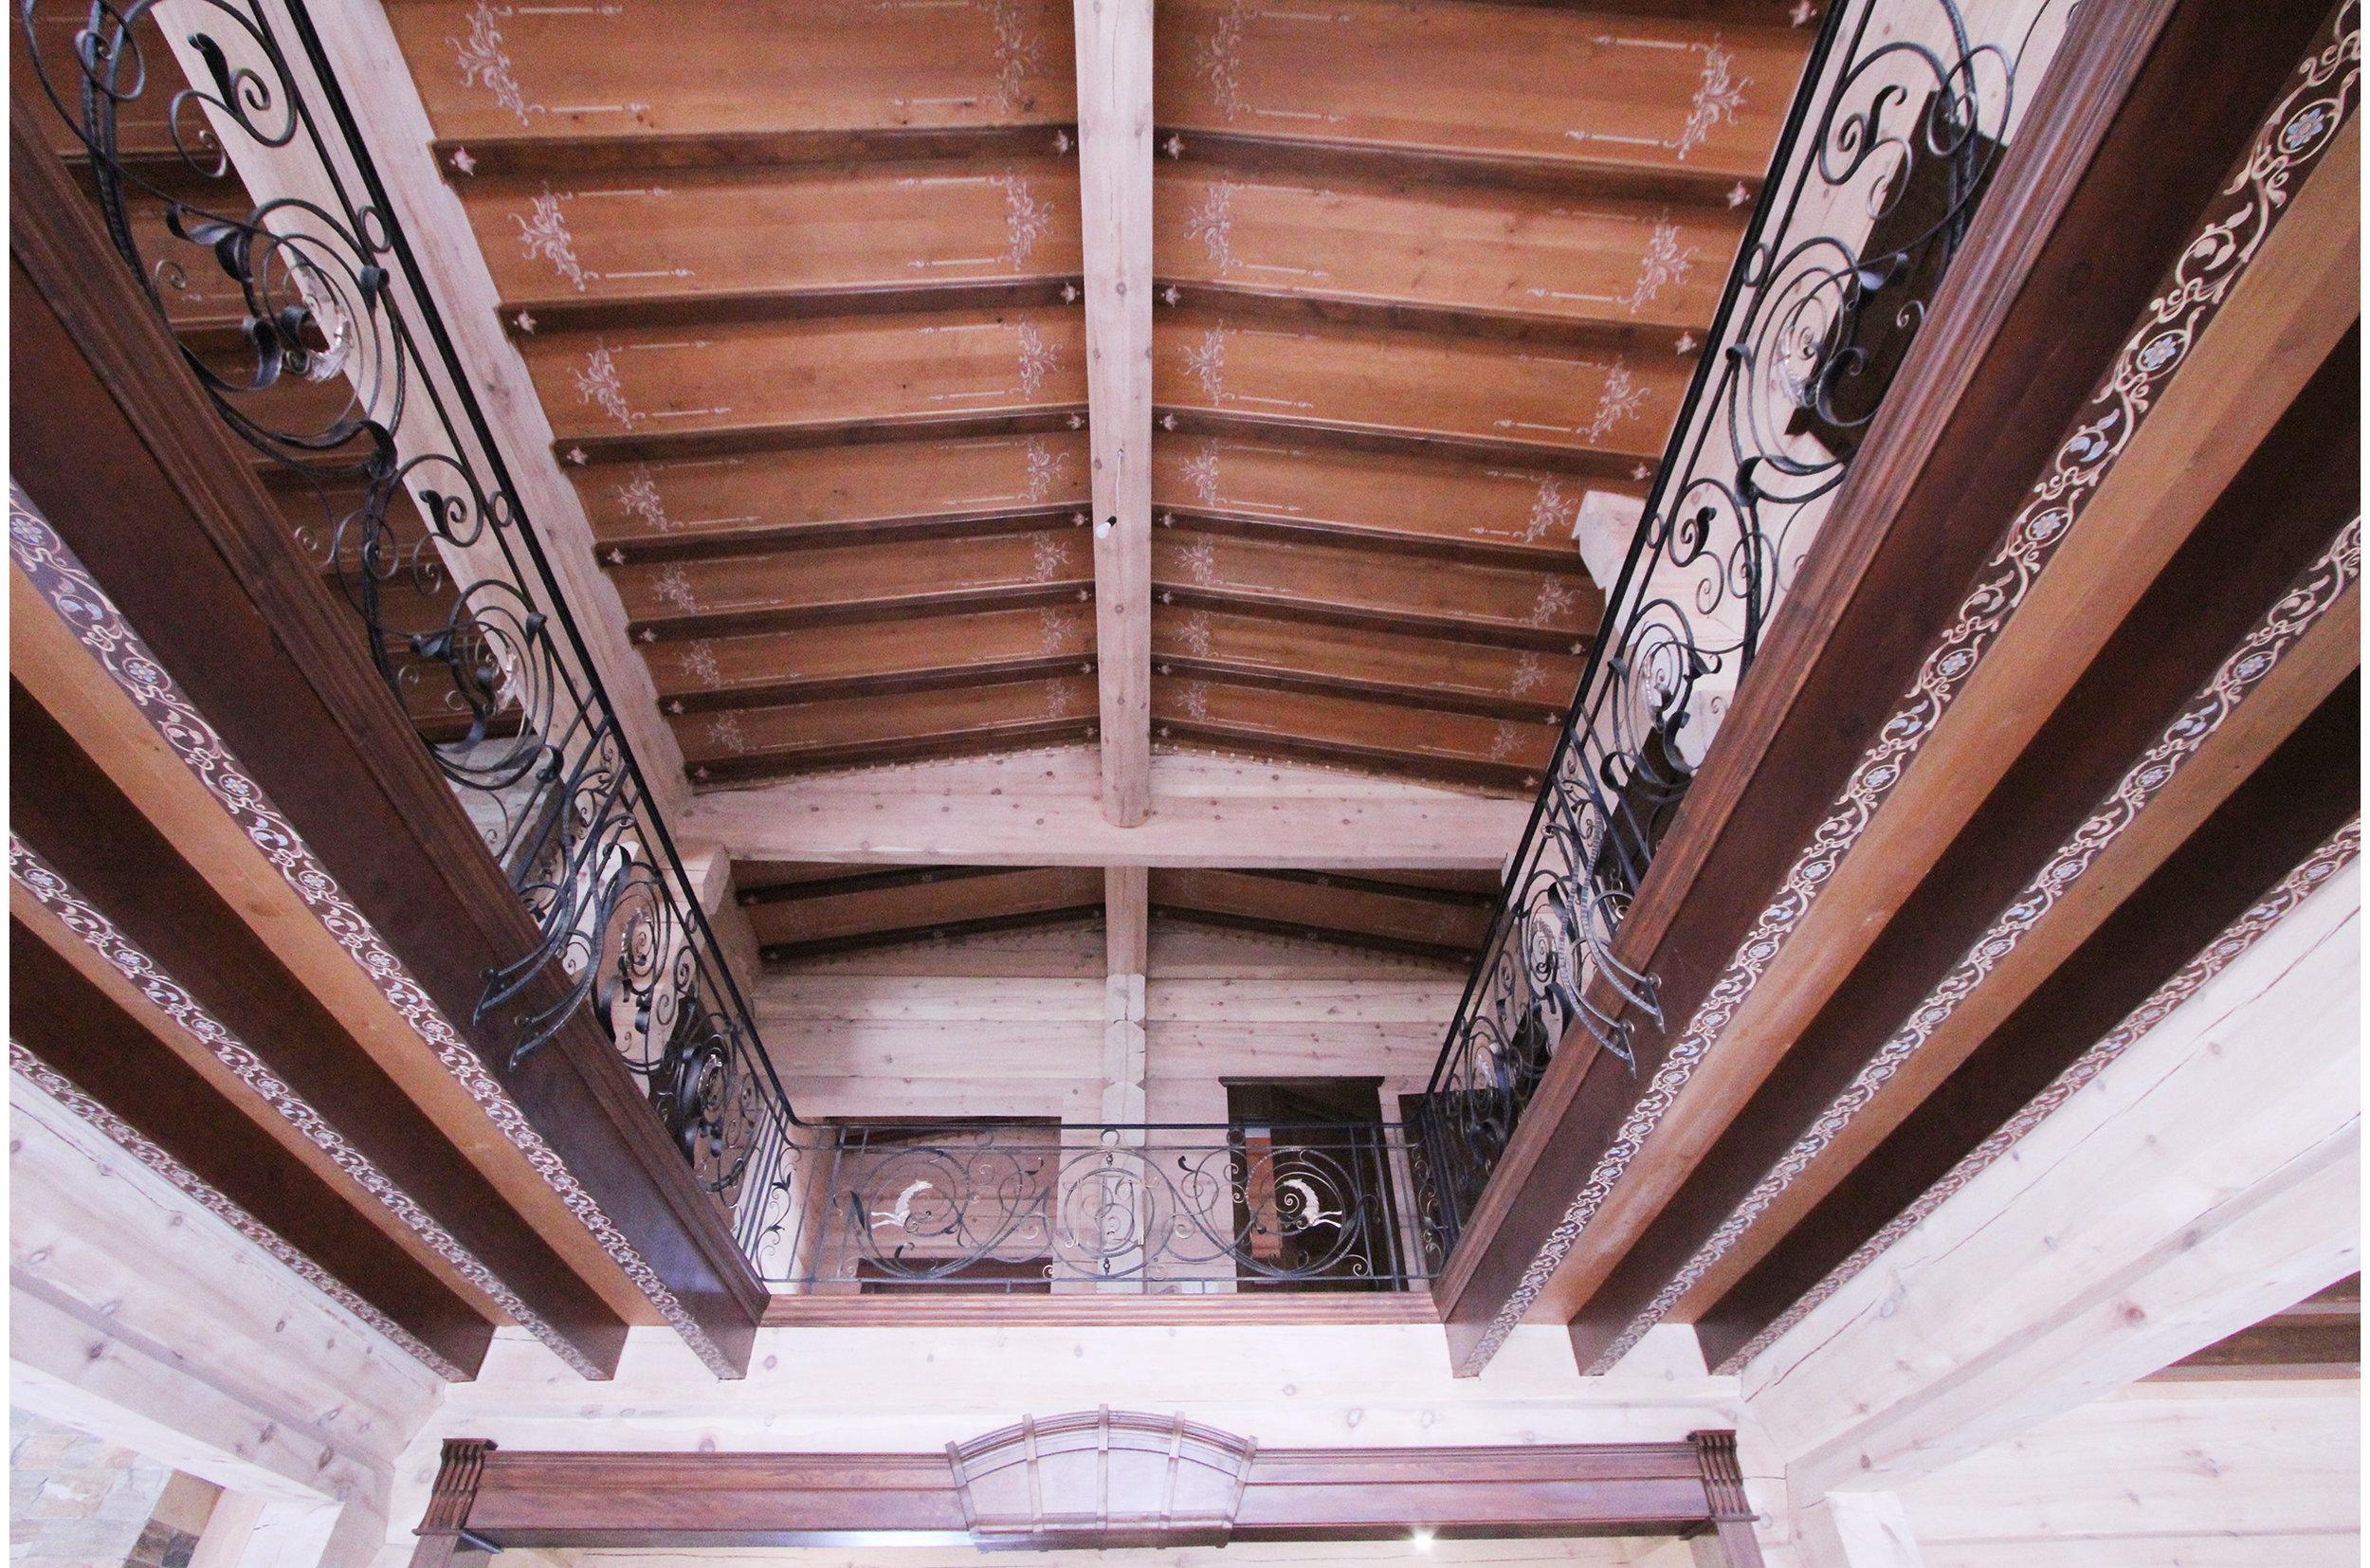 Copy of Private villa interior. Wooden ceiling